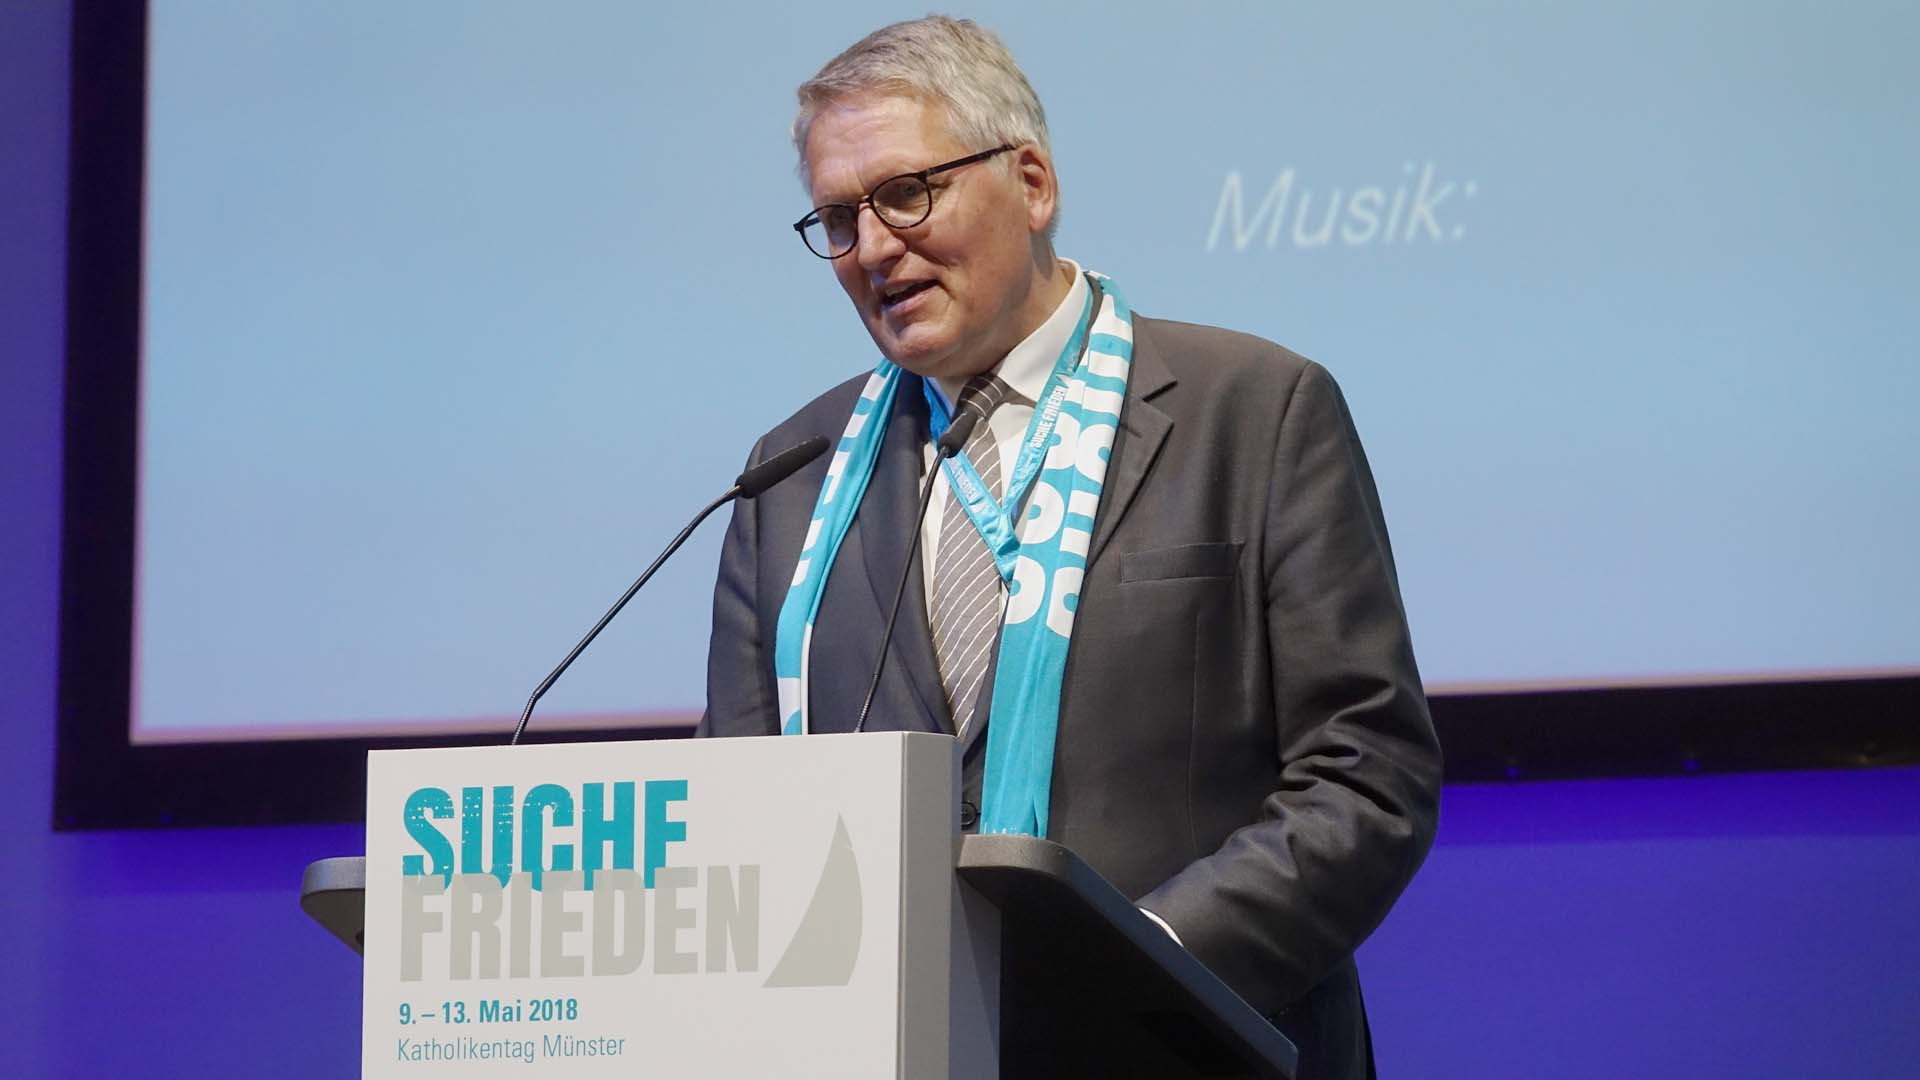 Thomas Sternberg, Präsident des Zentralkomitees der deutschen Katholiken (ZdK), kündigt Frank-Walter Steinmeier an